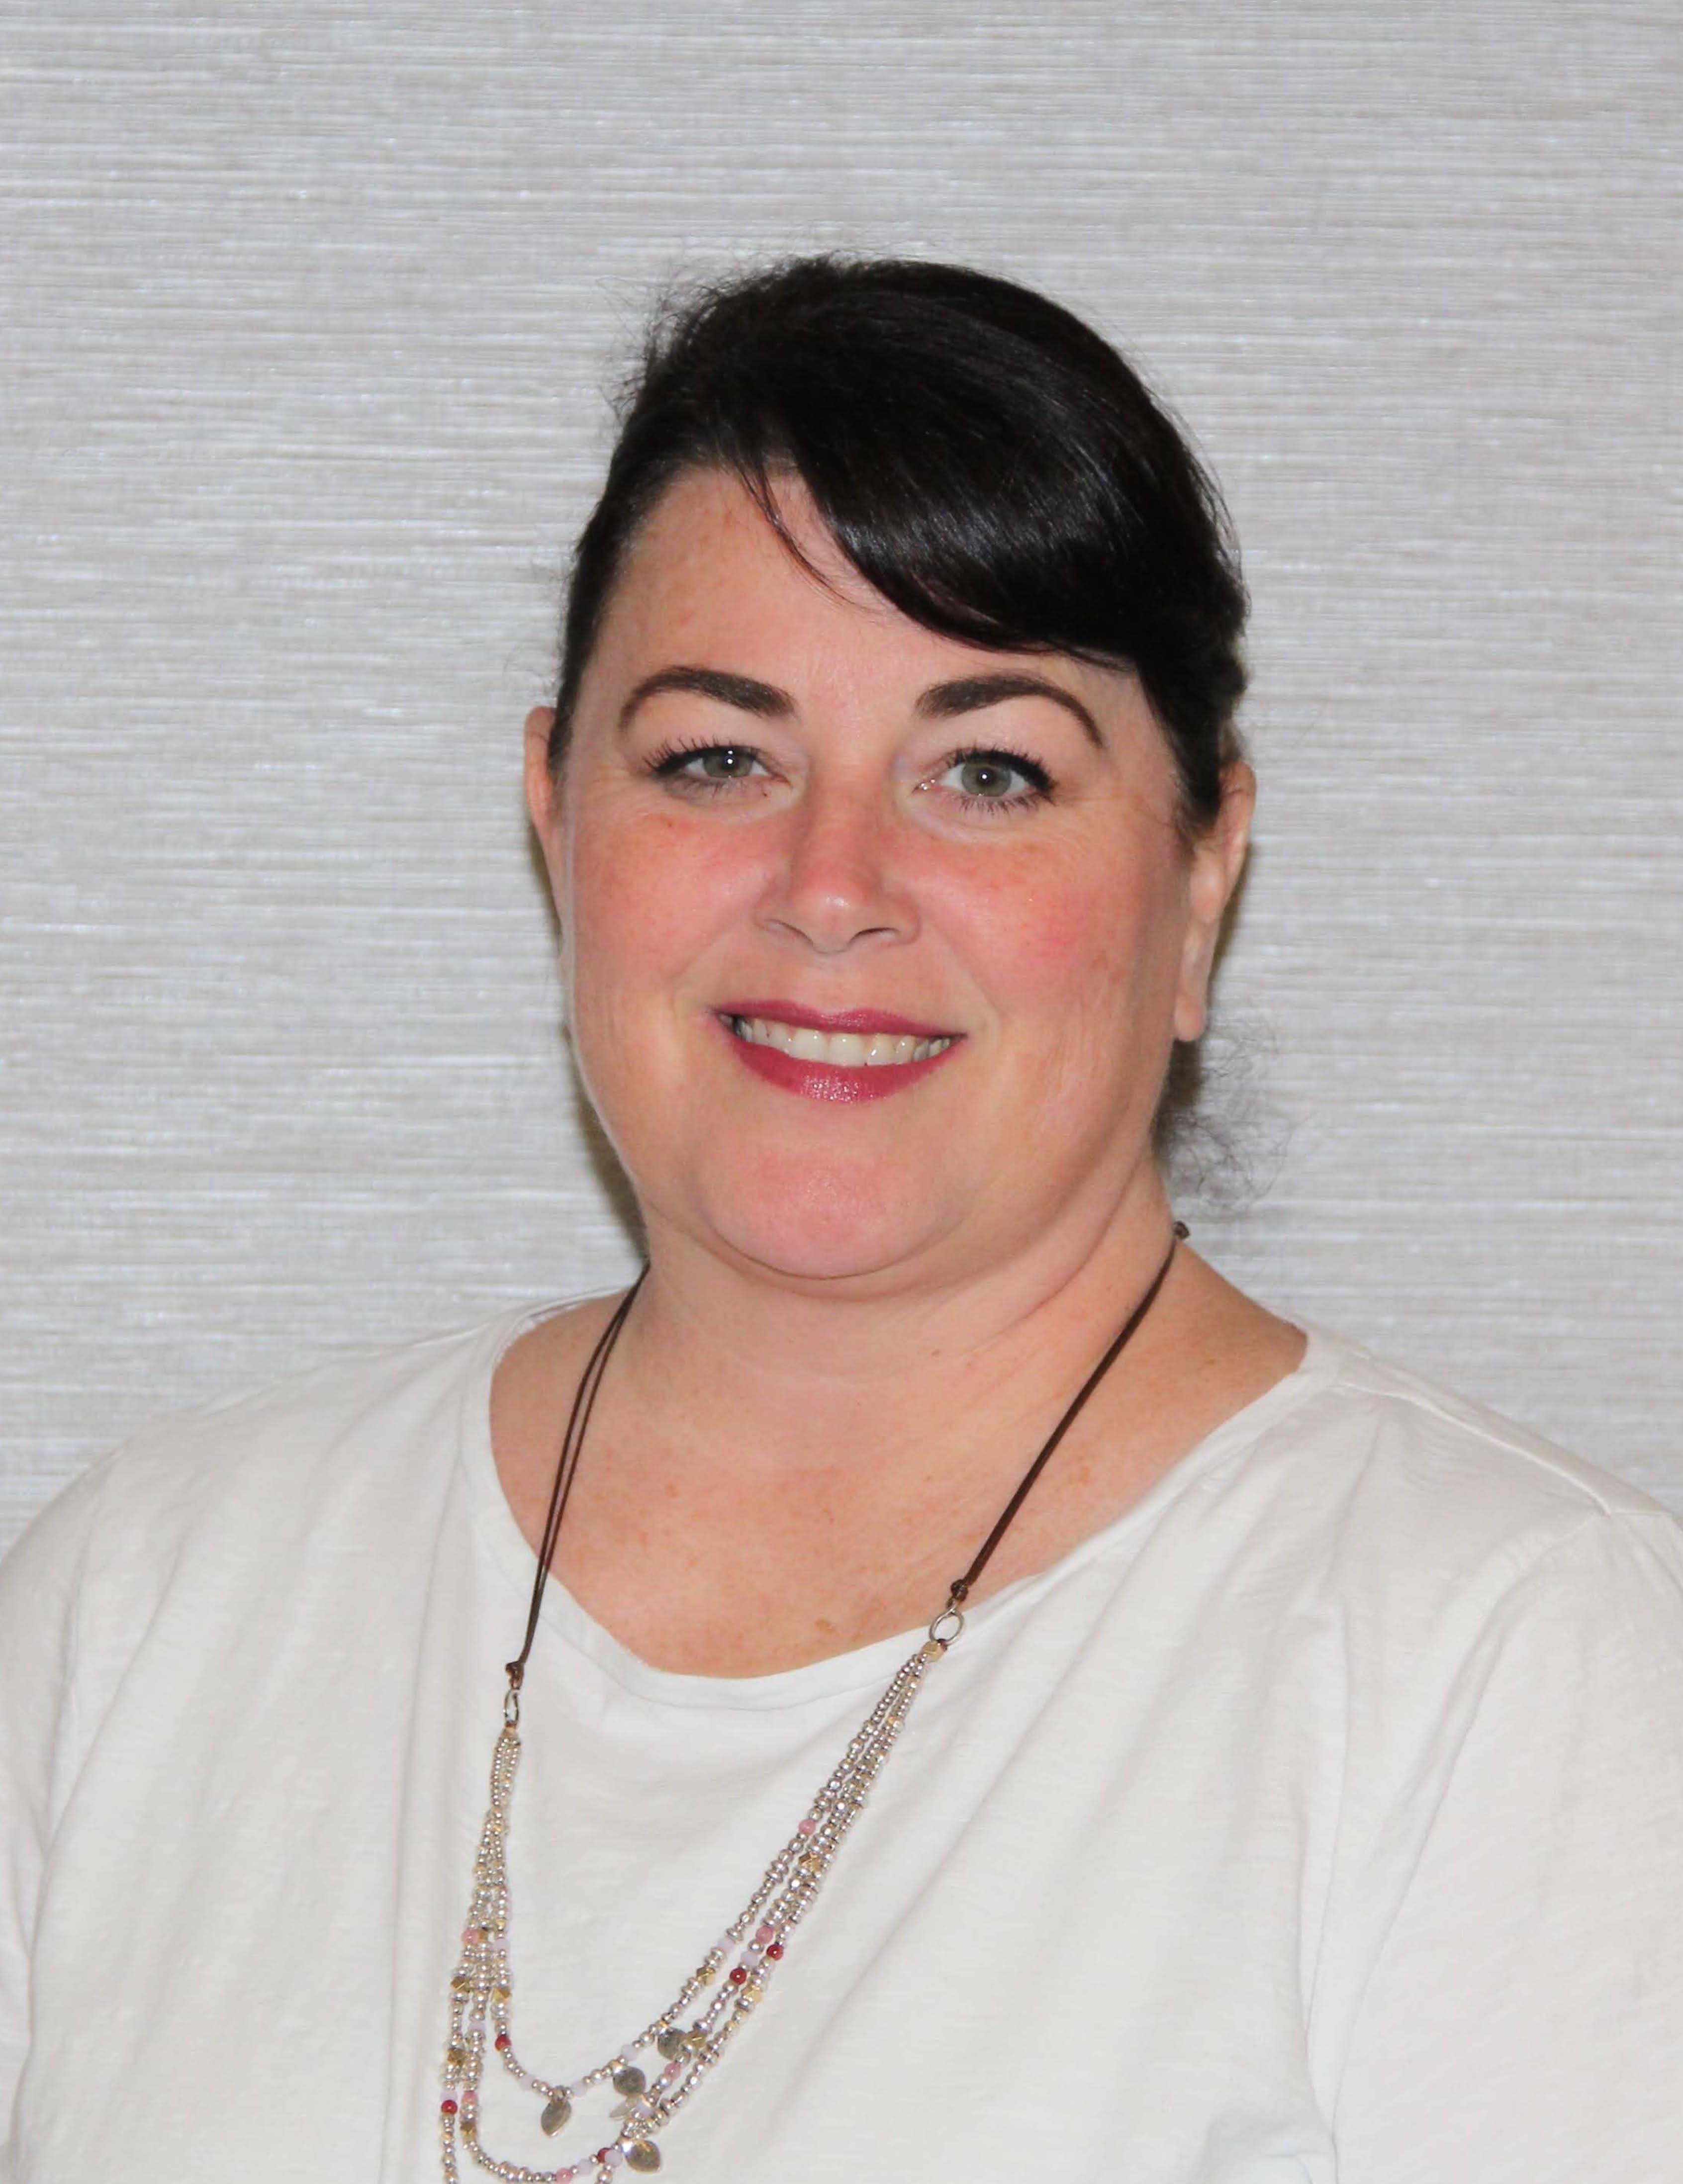 Doreen Pietrantoni